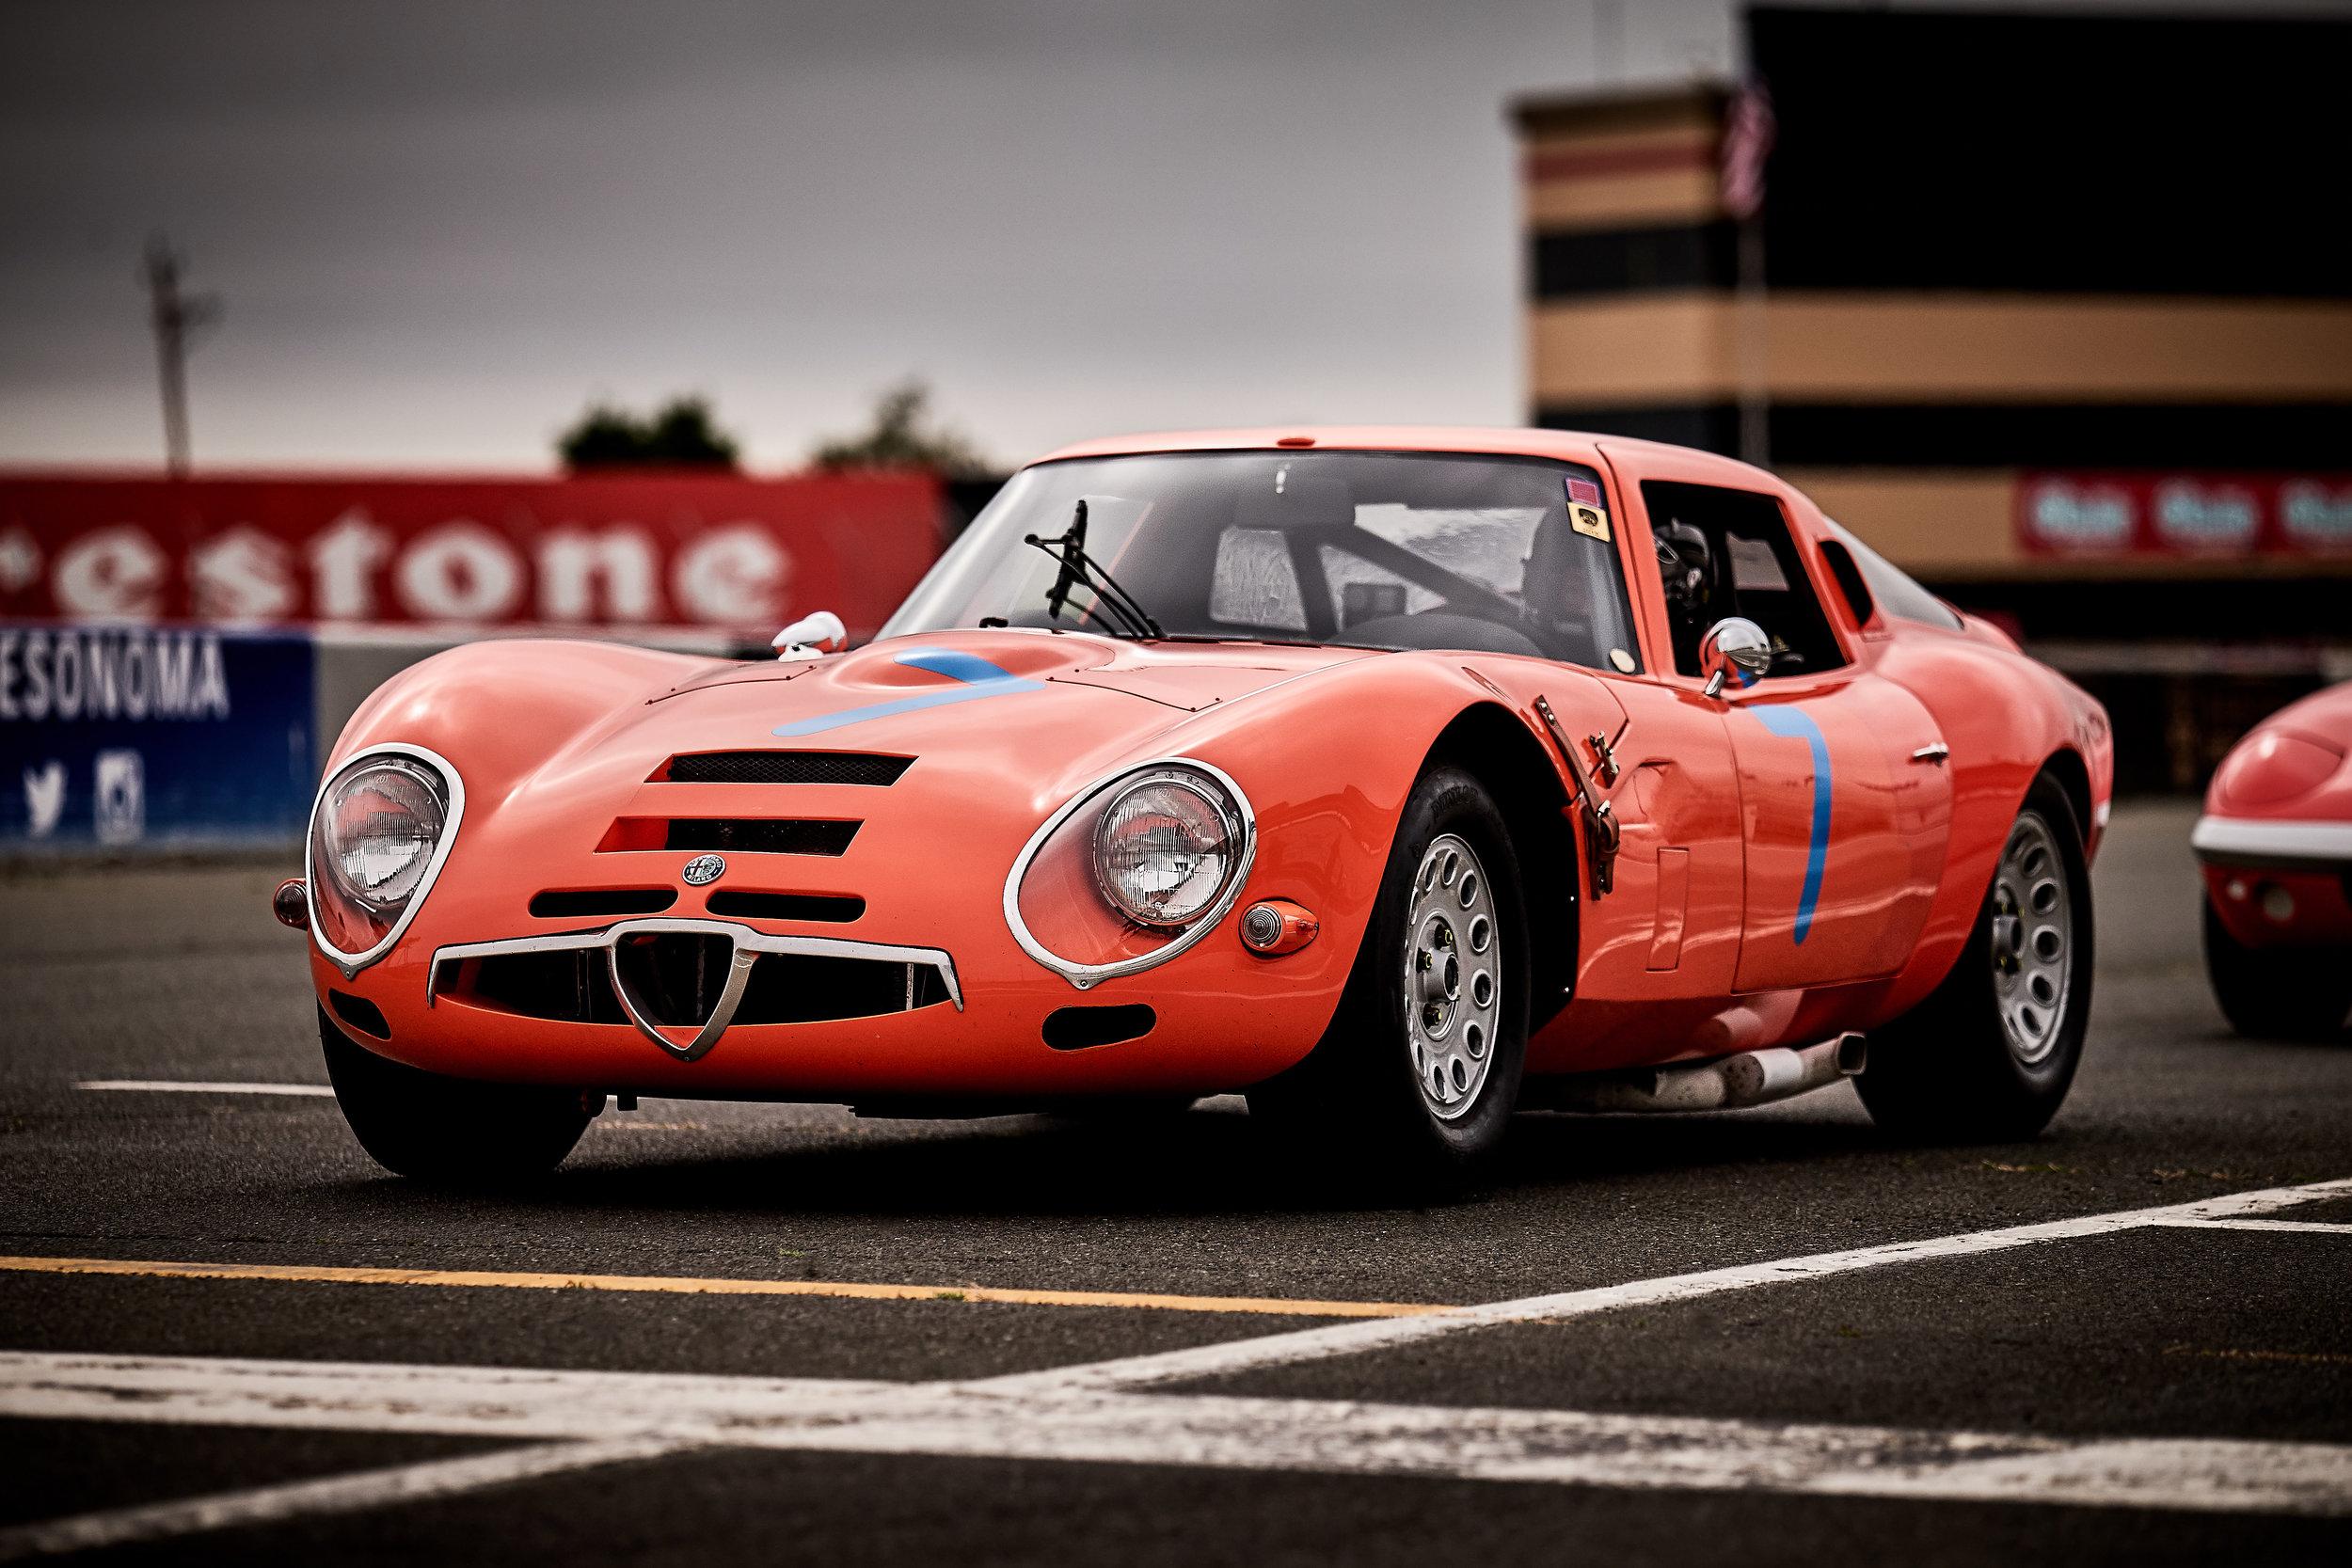 1965 Alfa Romeo TZ2 / Rob Walton